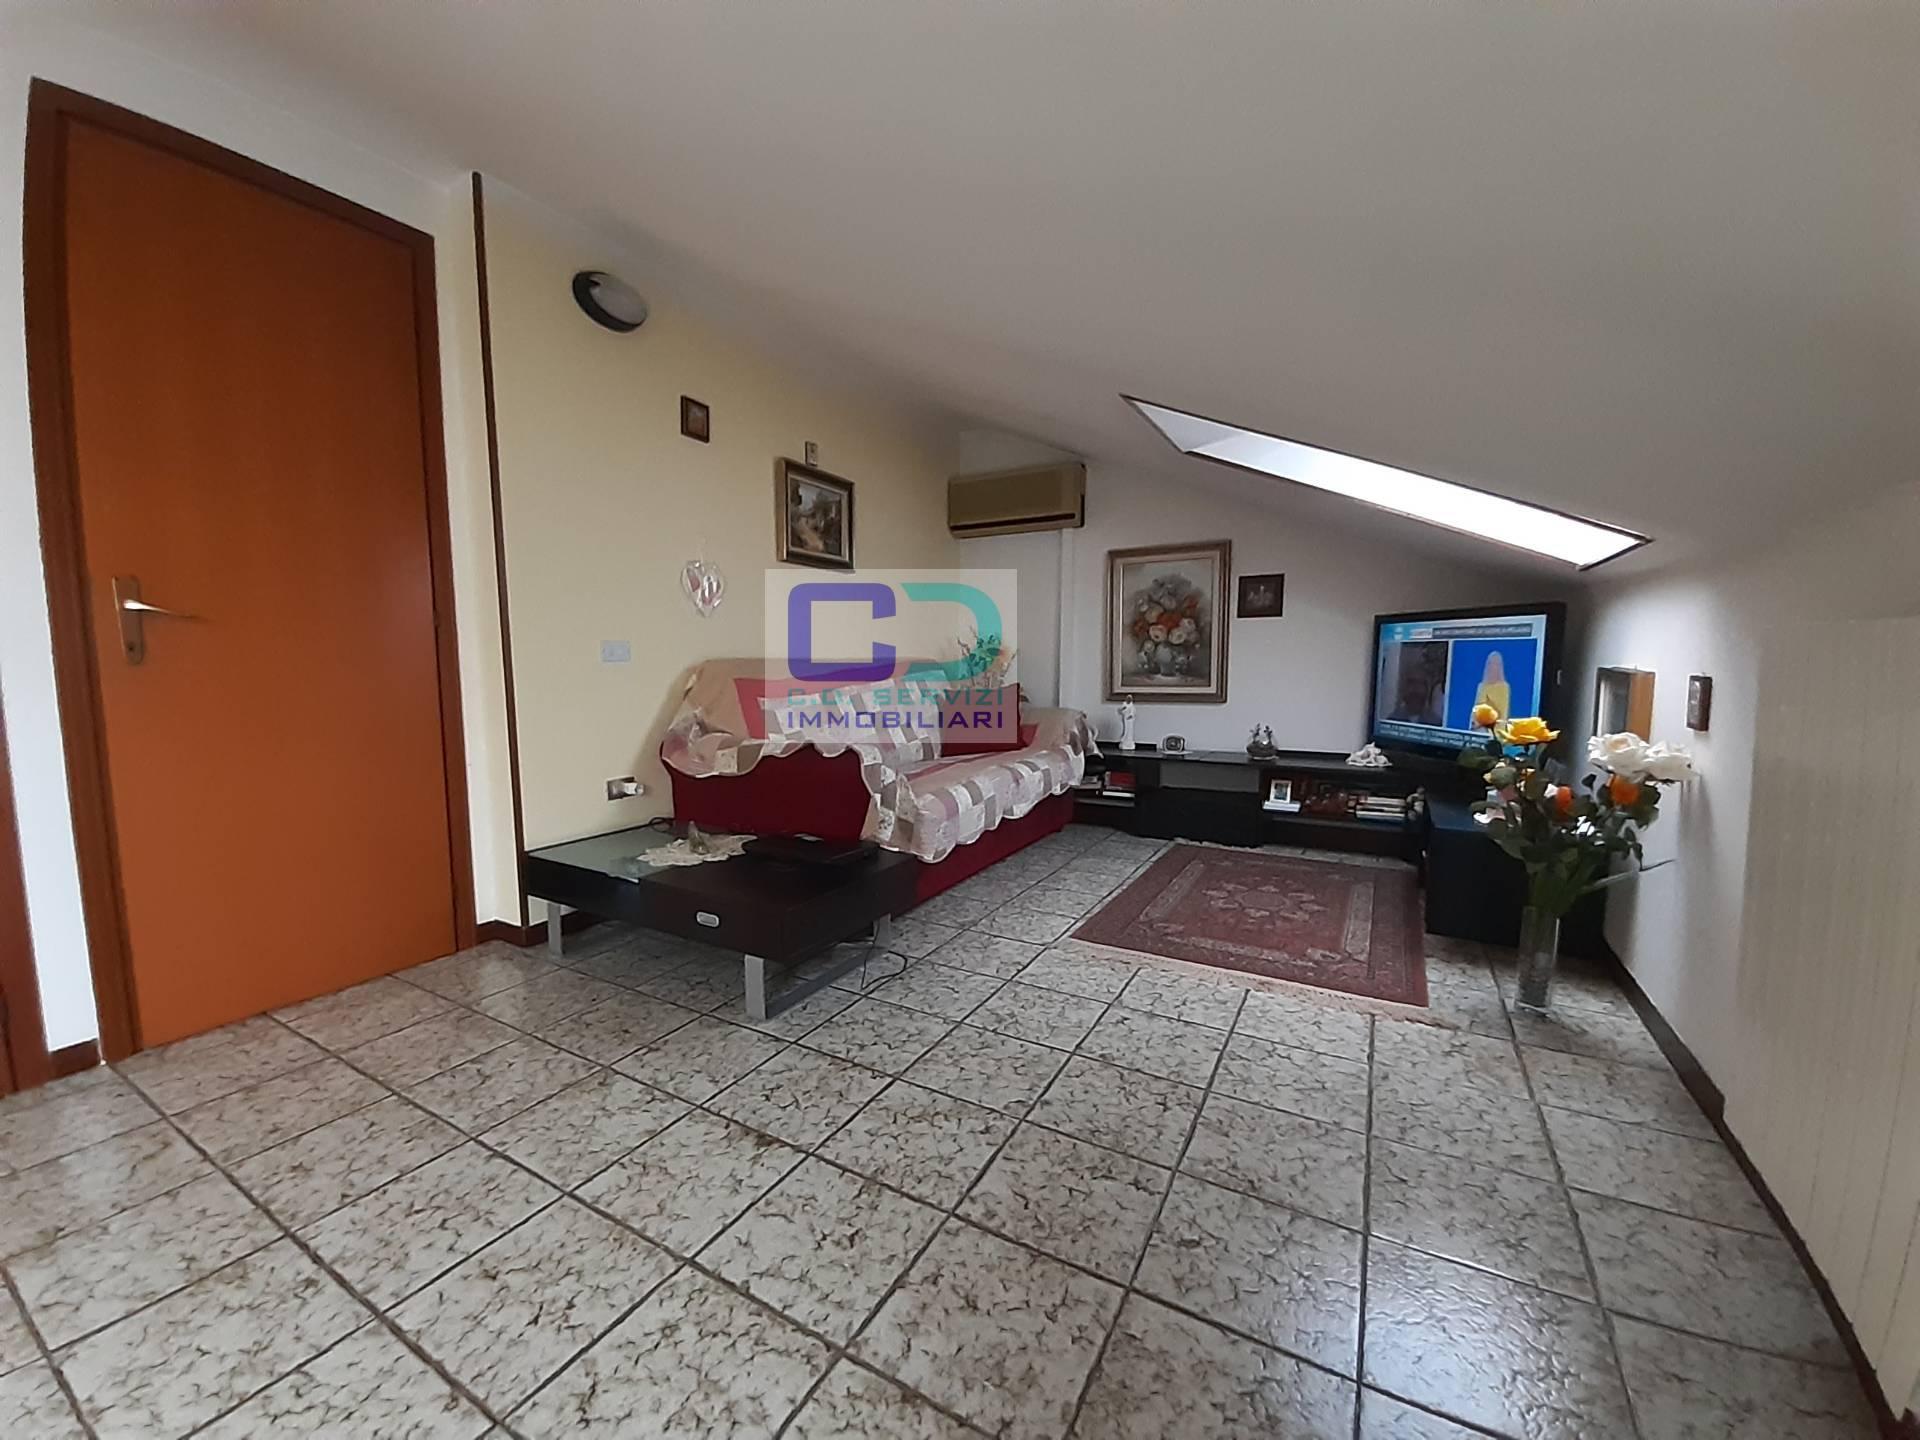 Appartamento in vendita a Cassano d'Adda, 2 locali, prezzo € 75.000 | CambioCasa.it